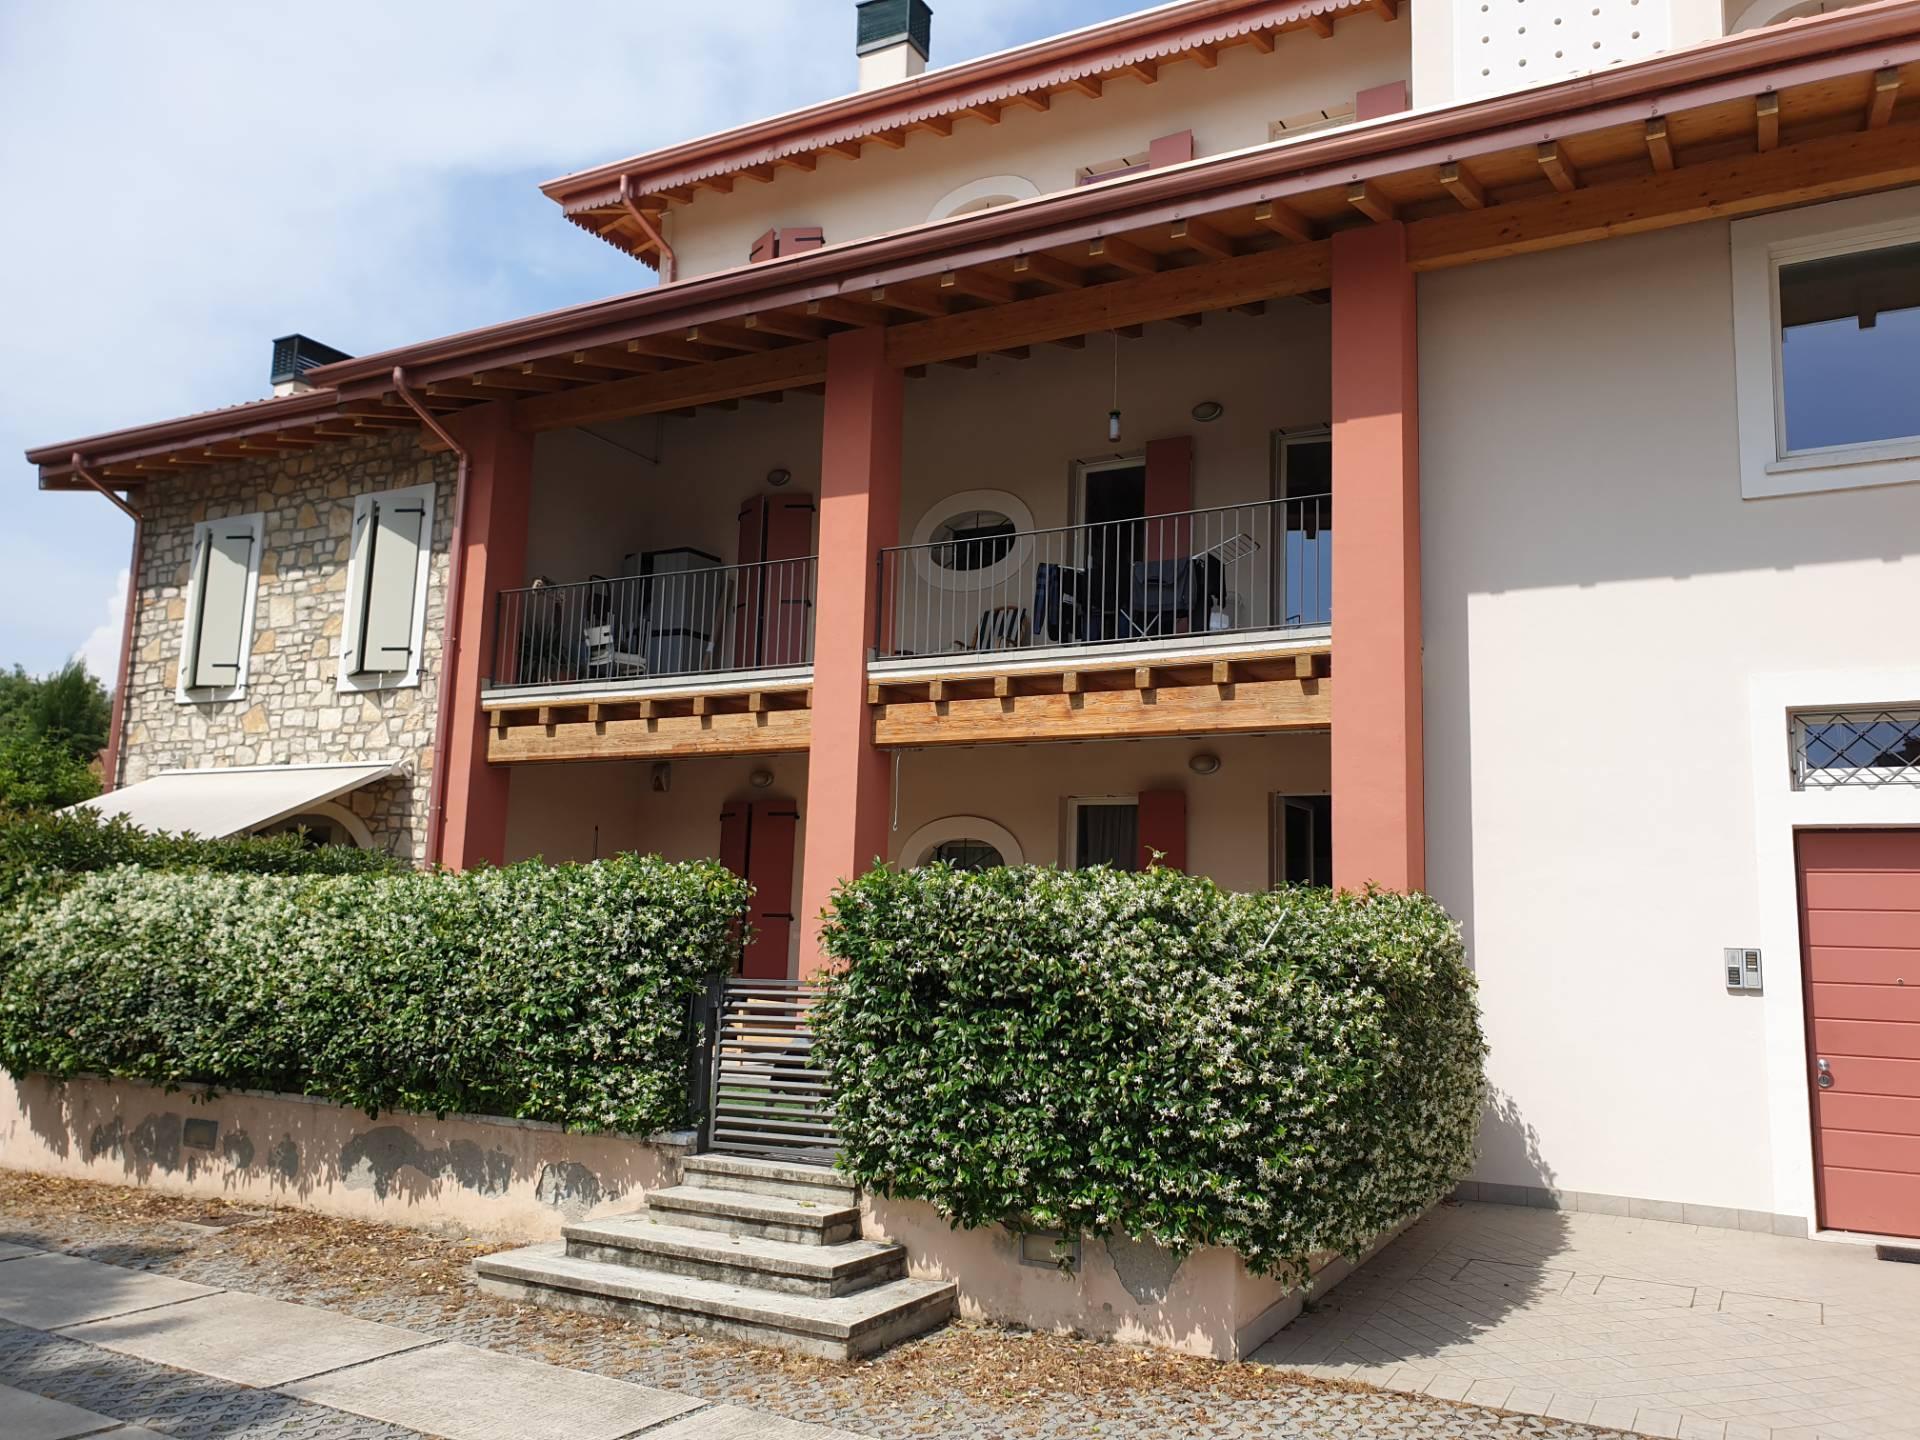 Appartamento in vendita a Erbusco, 2 locali, prezzo € 115.000 | PortaleAgenzieImmobiliari.it